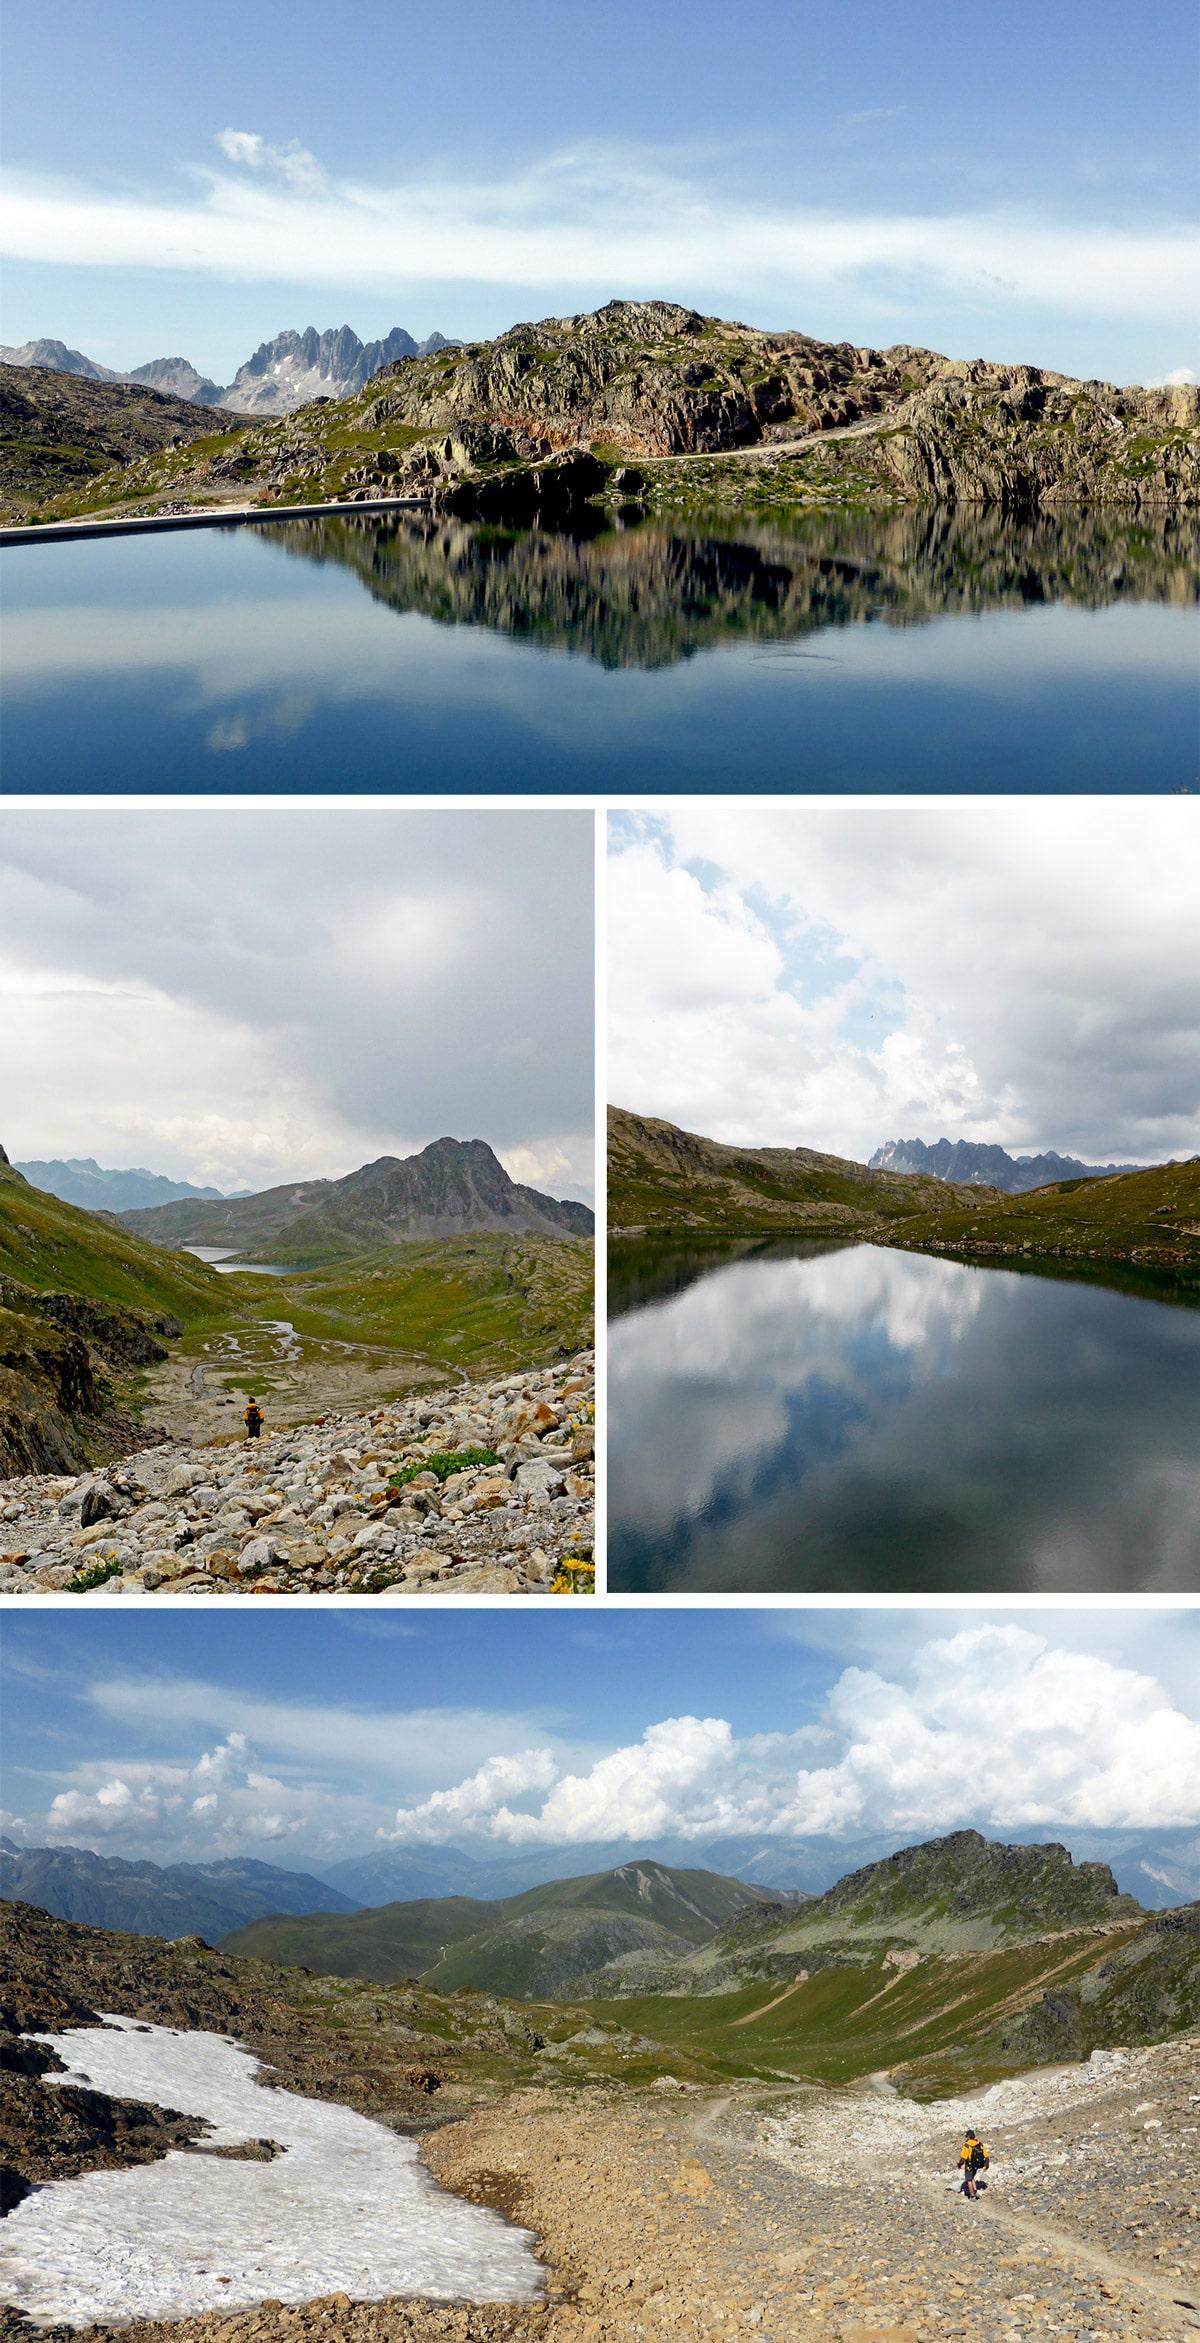 randonnee-lacs-glacier-saintsorlins-descente